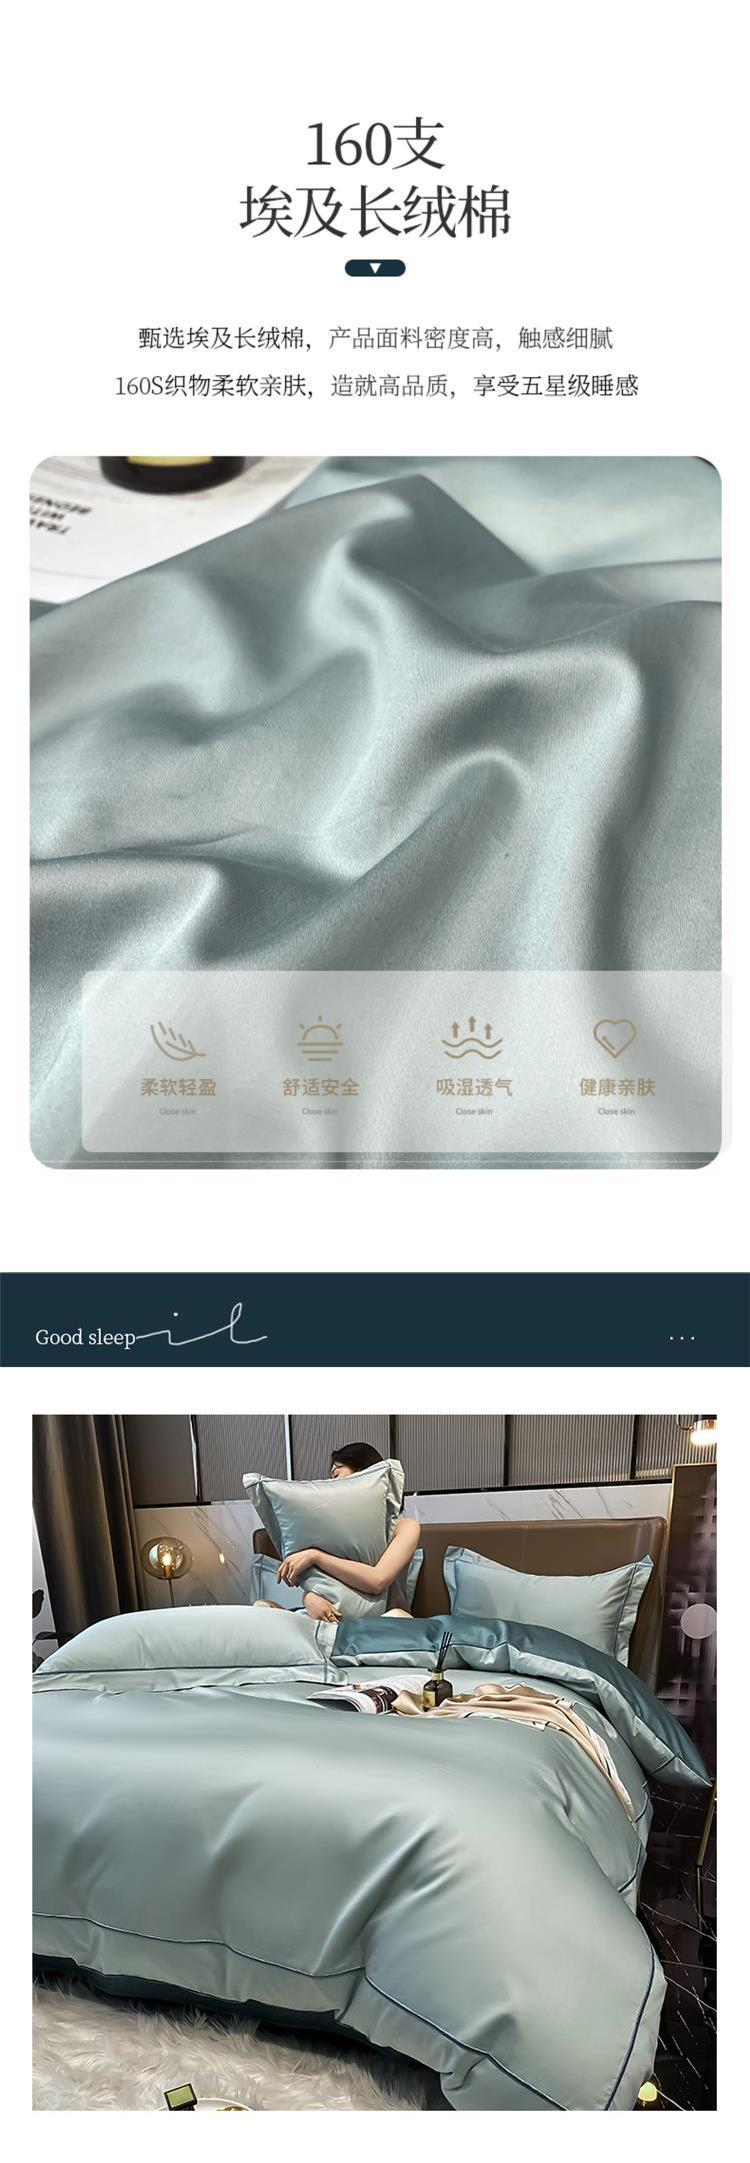 床單 GENUS長絨棉160支四件套全棉純棉100床單被套床上用品春款夏季天